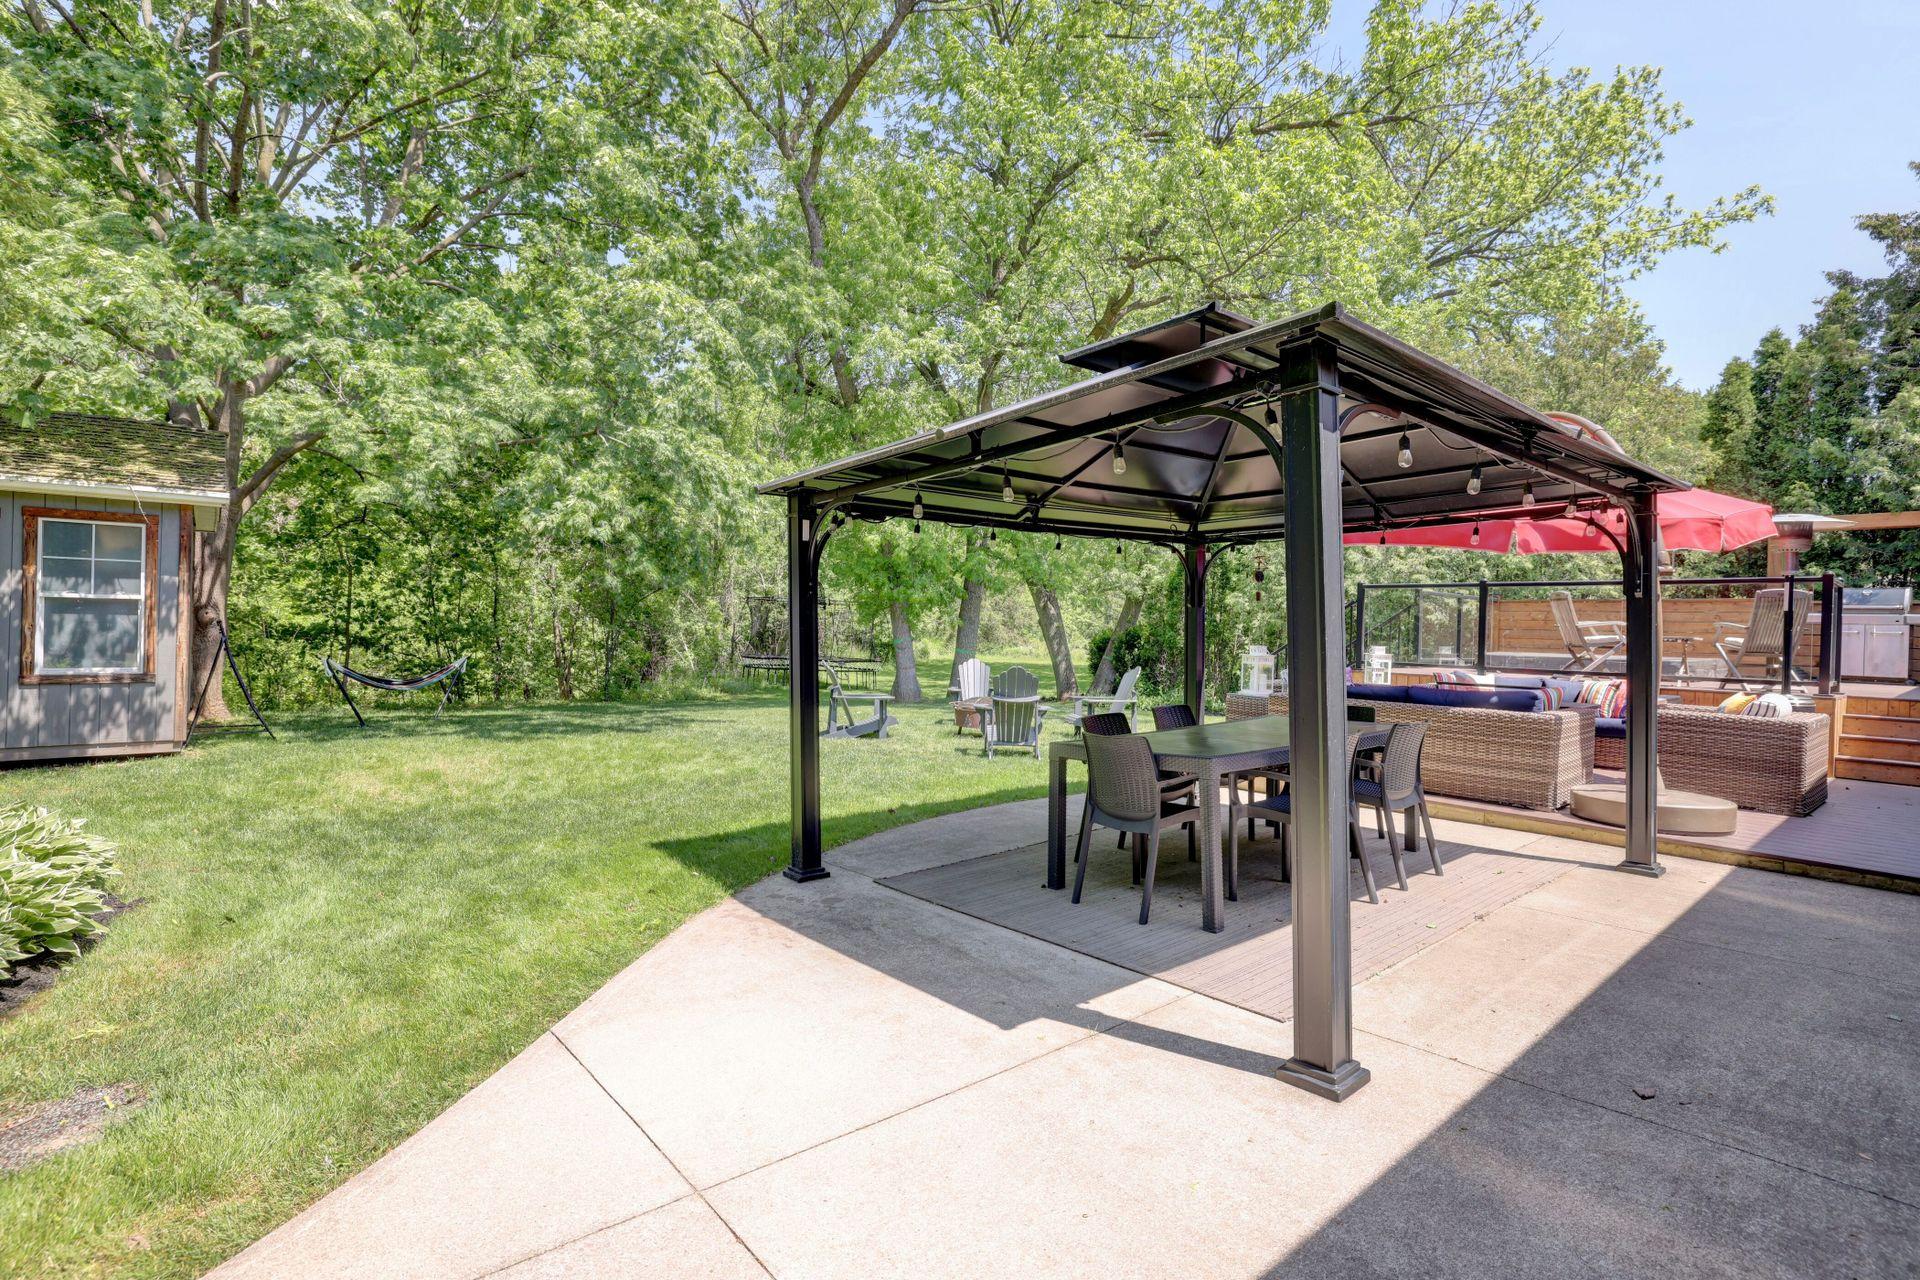 249-lakeview-ave-burlington-lower-patio at 249 Lakeview Ave, Burlington,